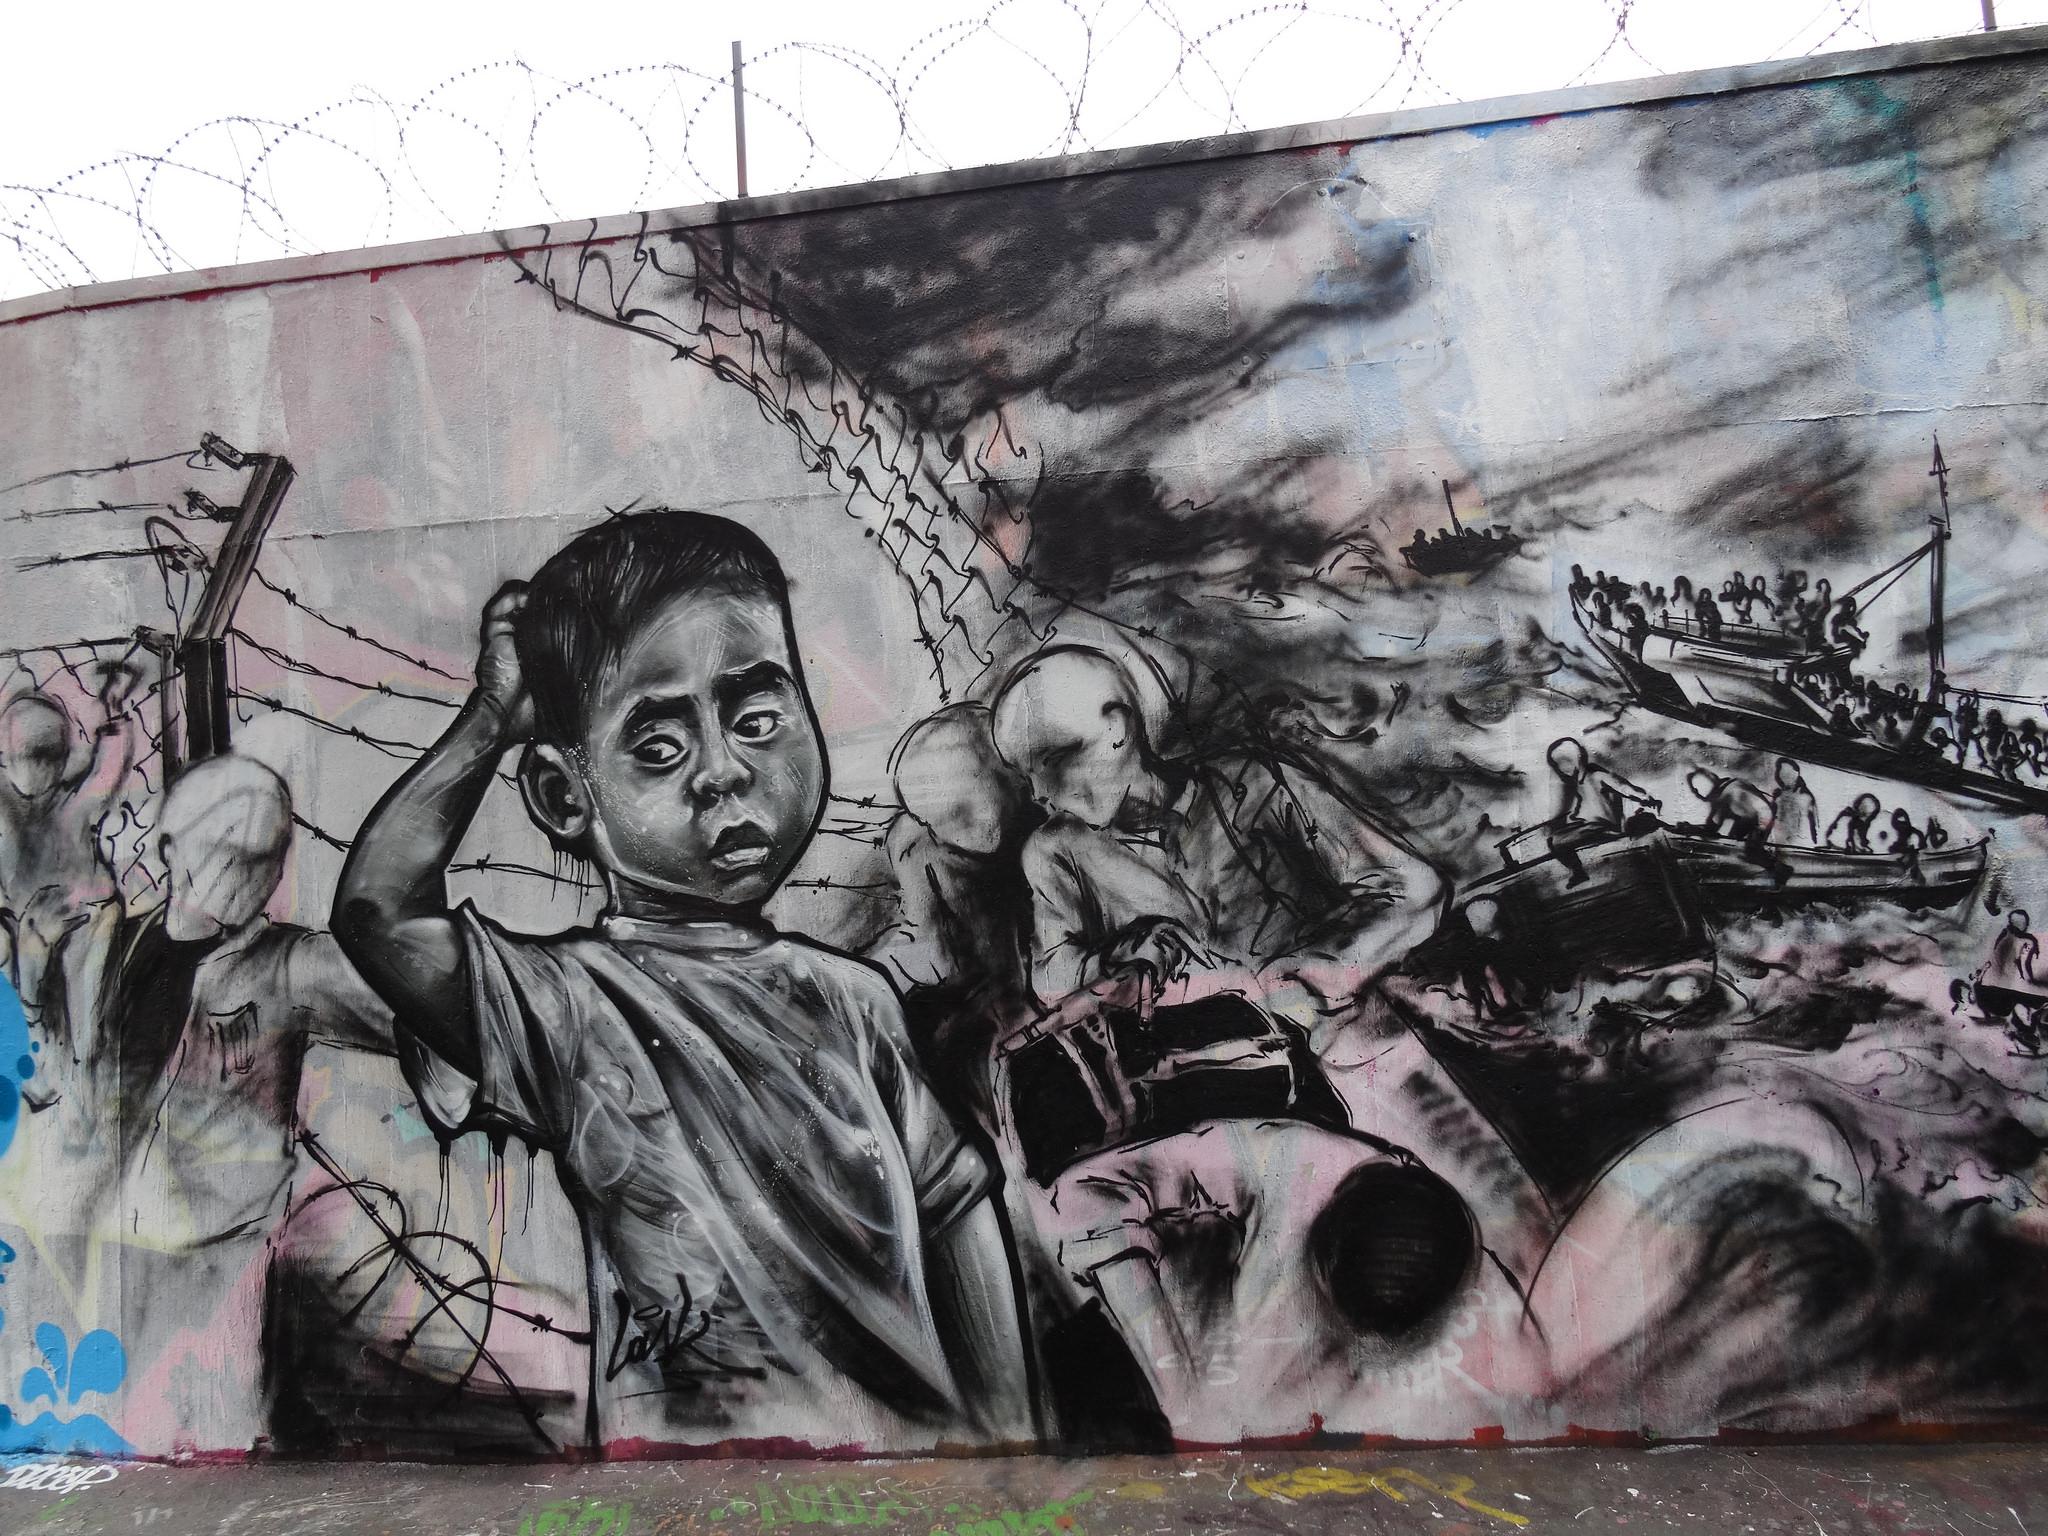 """""""Attraverso il mare e i fili spinati"""", murale di Lask, Rue Ordener, Paris, 17 maggio 2017 (foto: Jeanne Menjoulet, licenza CC 2.0)"""